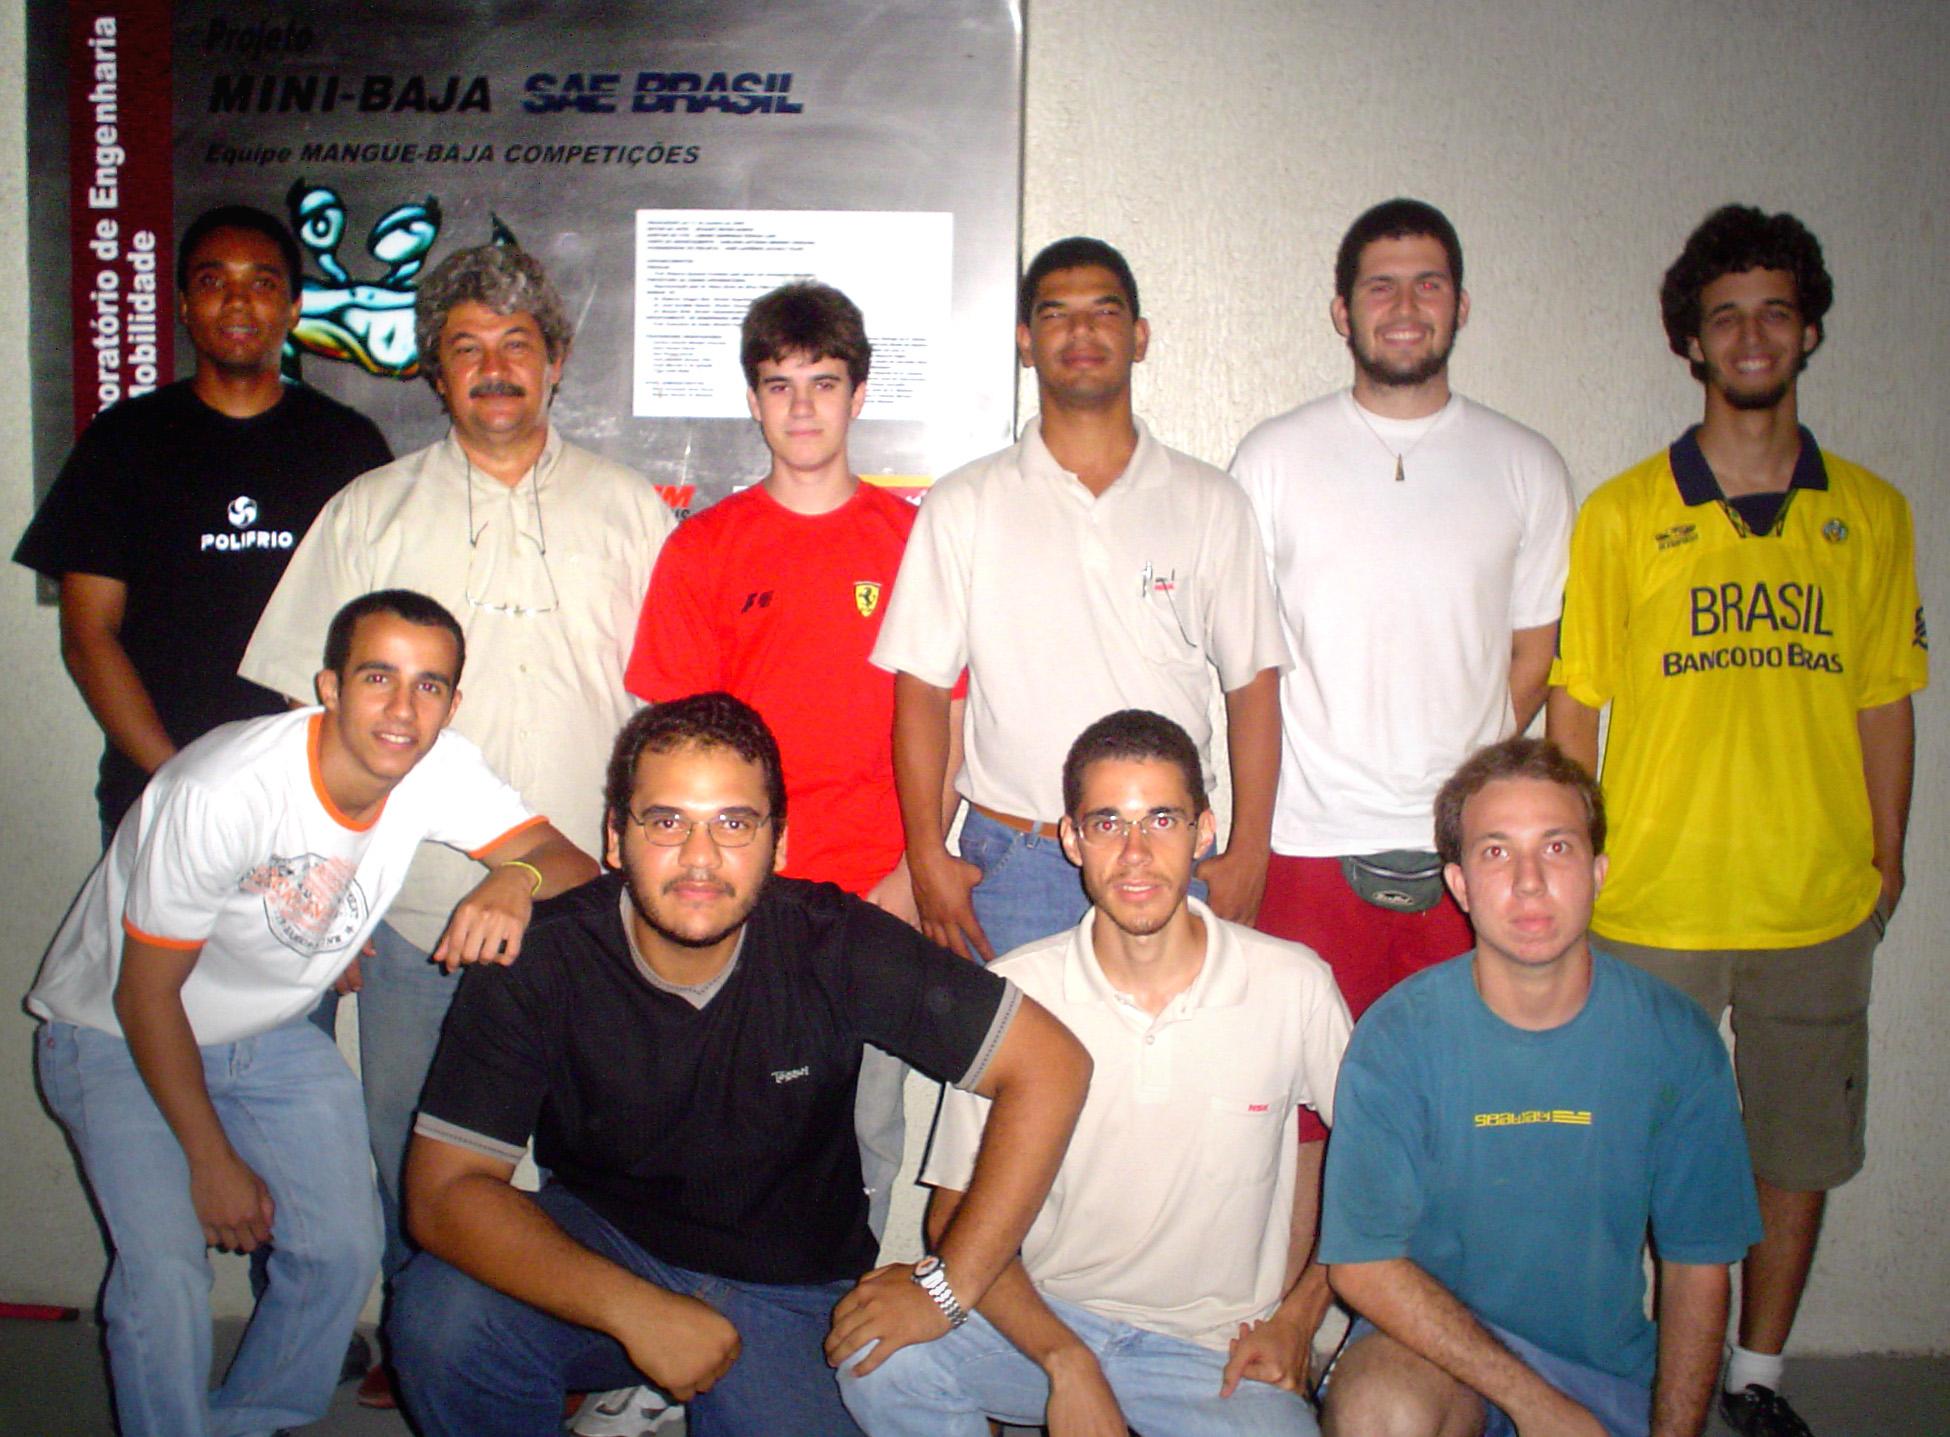 Equipe Mangue Baja 1